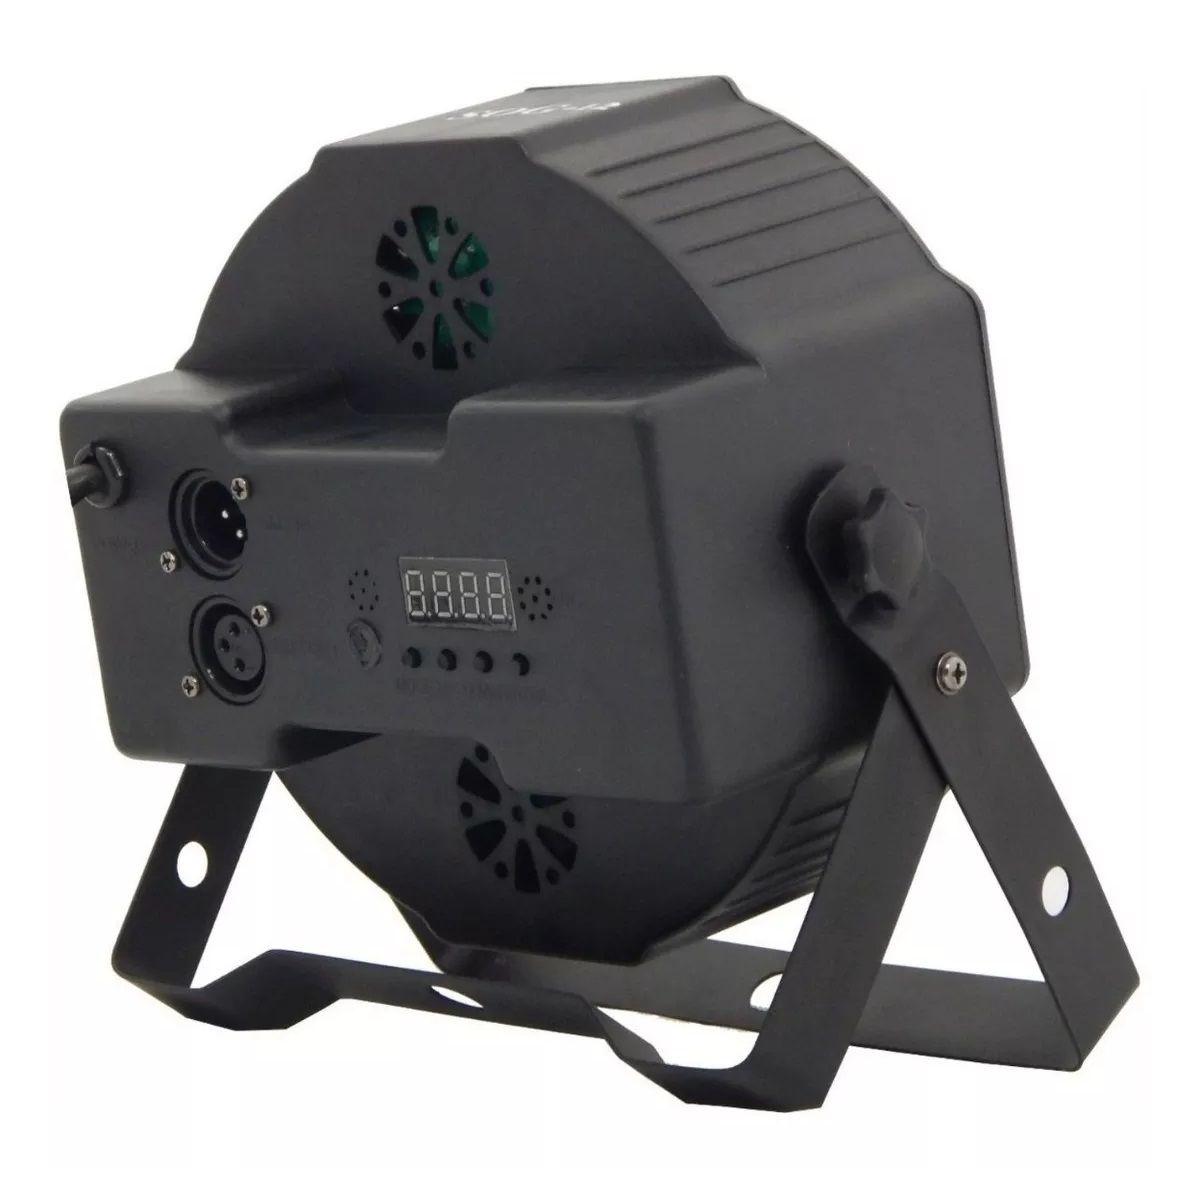 Kit Canhão Luz 18 LEDs + Strobo 12 LEDs RGB + Mini Moving Head Bola Maluca - 18LEDSLIM+12LEDRGBR+HL-080